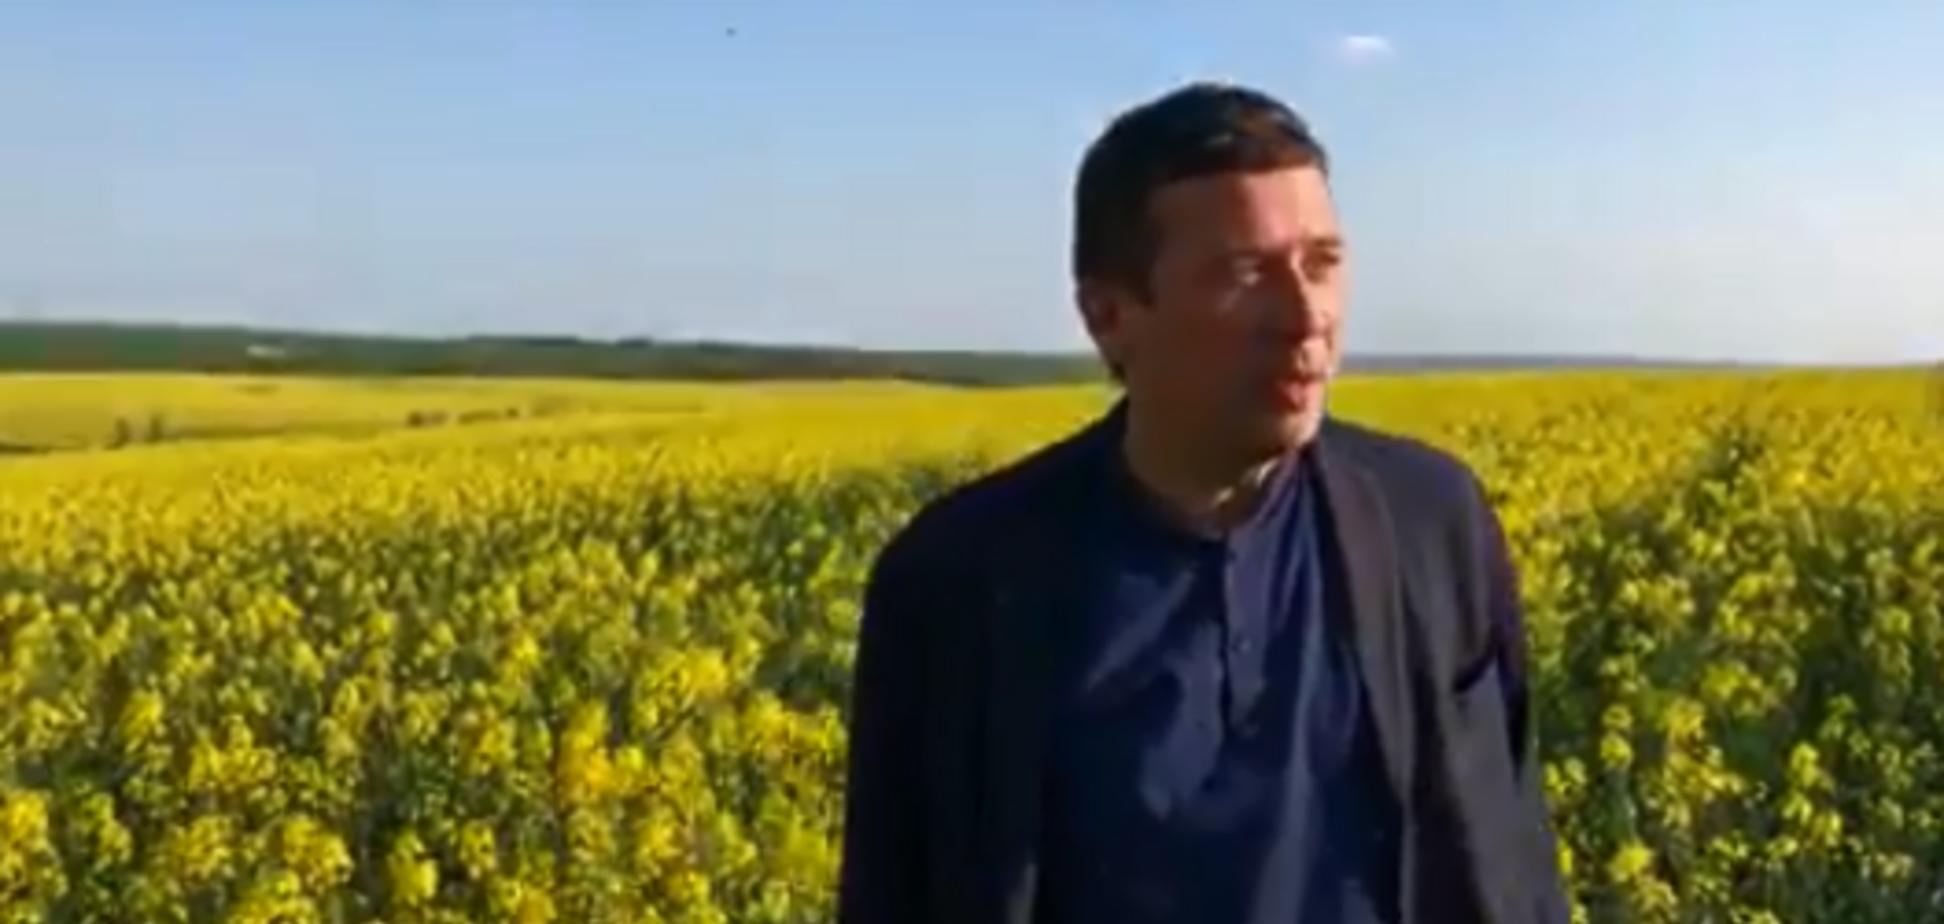 Запрещенный актер из РФ заявил, что тайно пересек границу с Украиной: видео